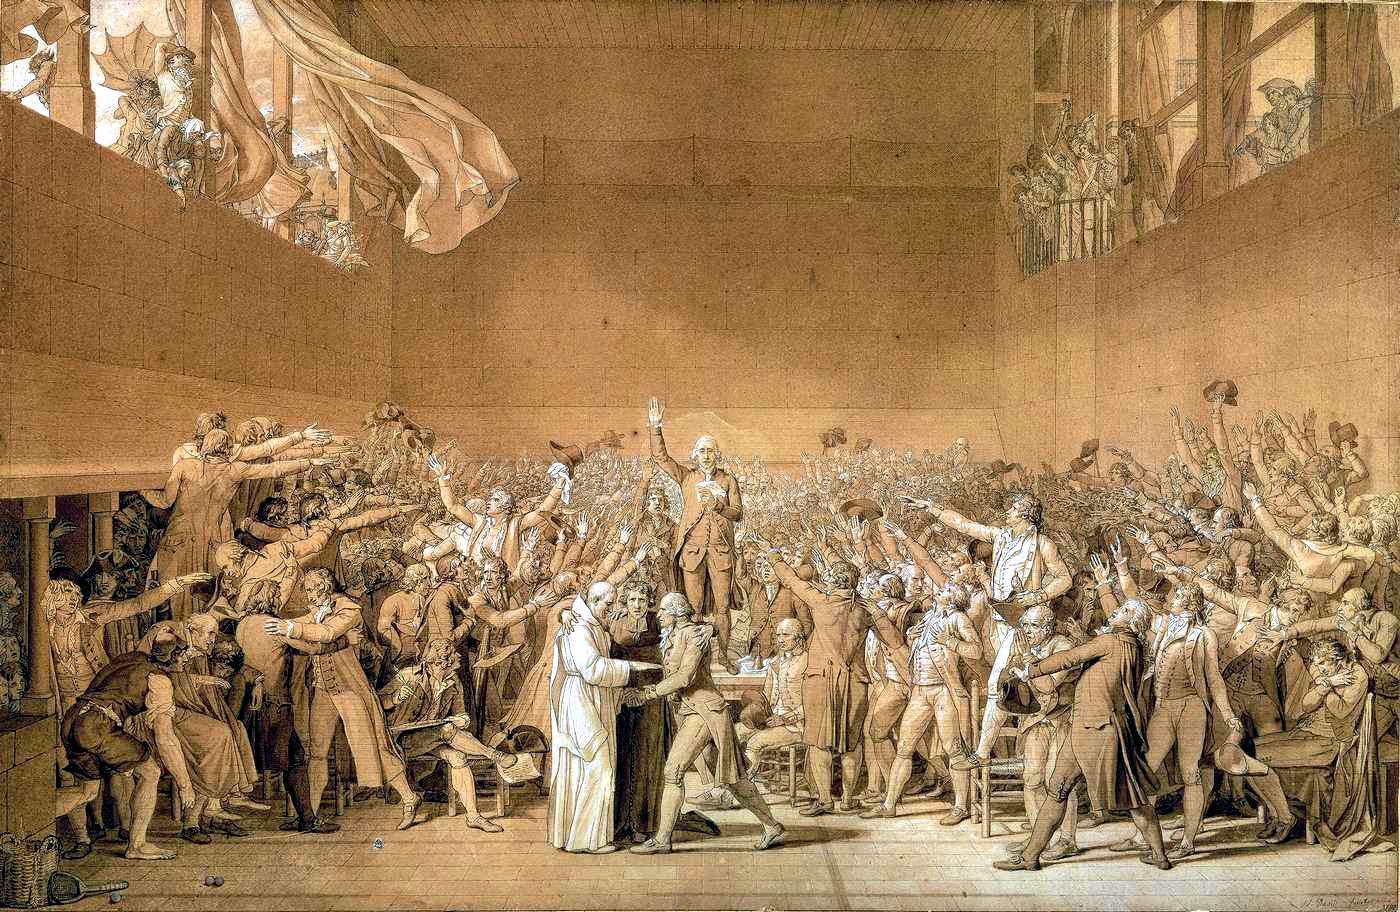 Il Laboratorio del tempo presente: la distanza fra la teoria e la pratica